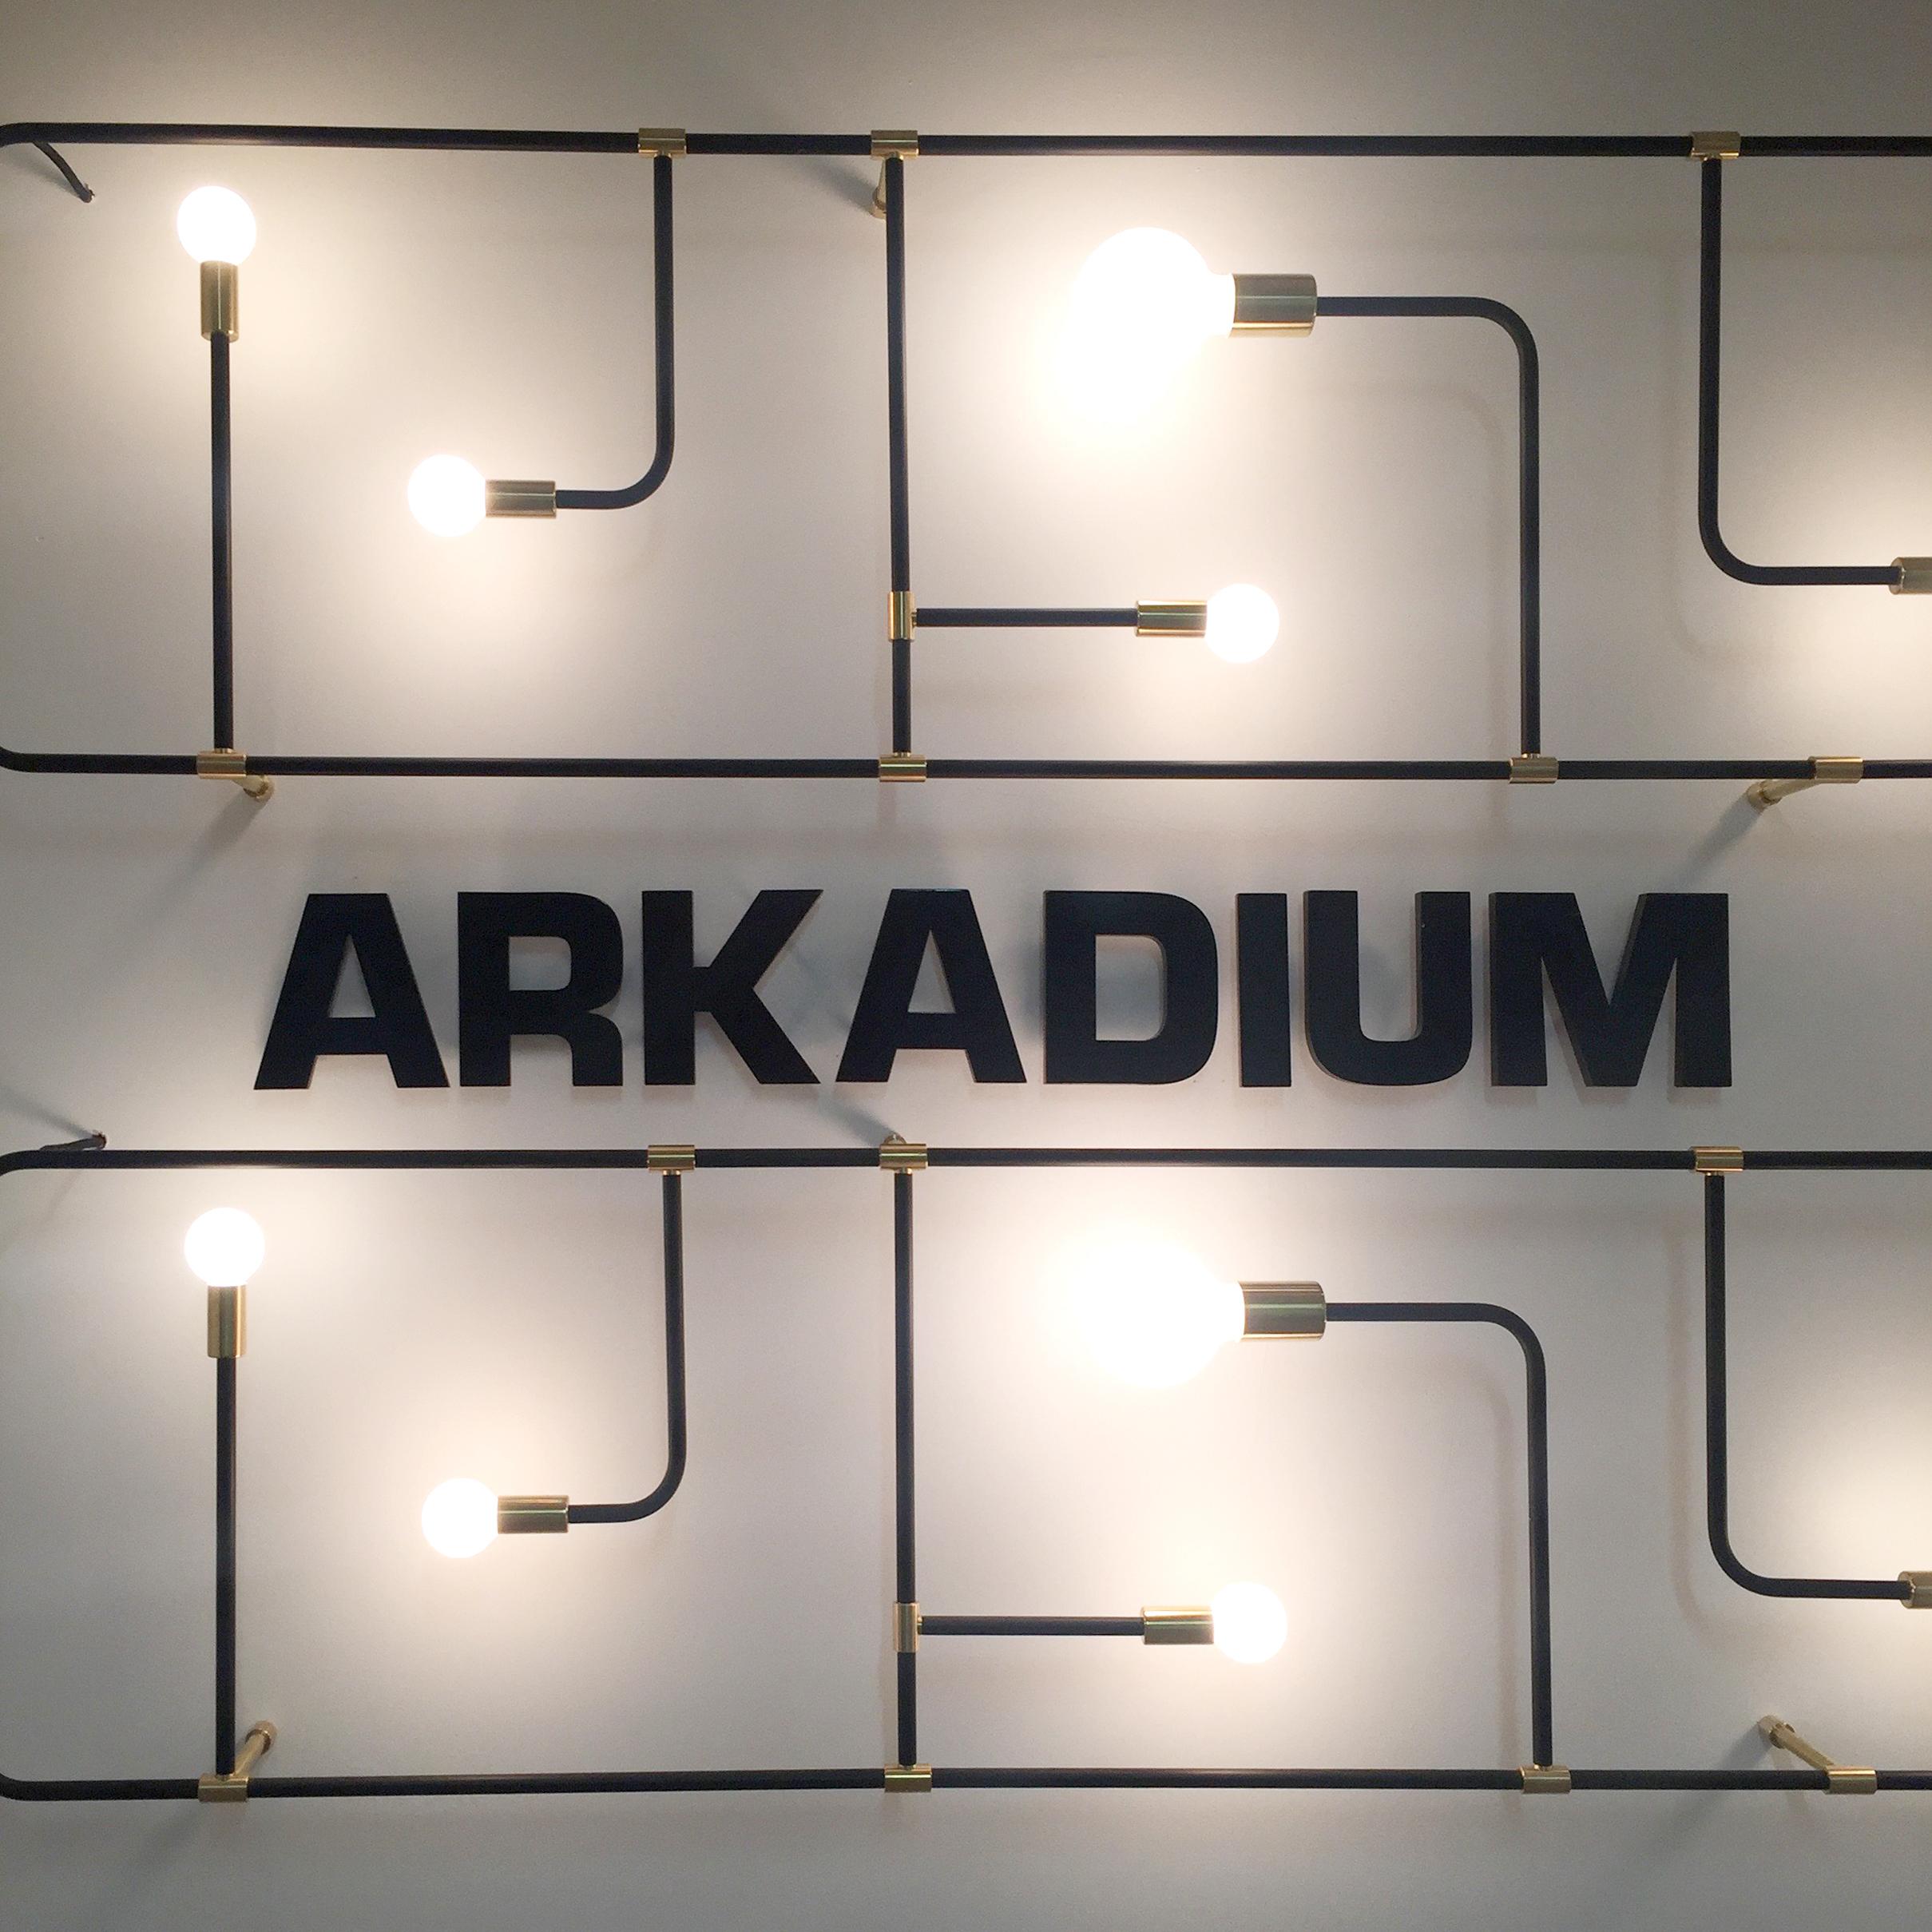 arkadiumphoto2.jpg